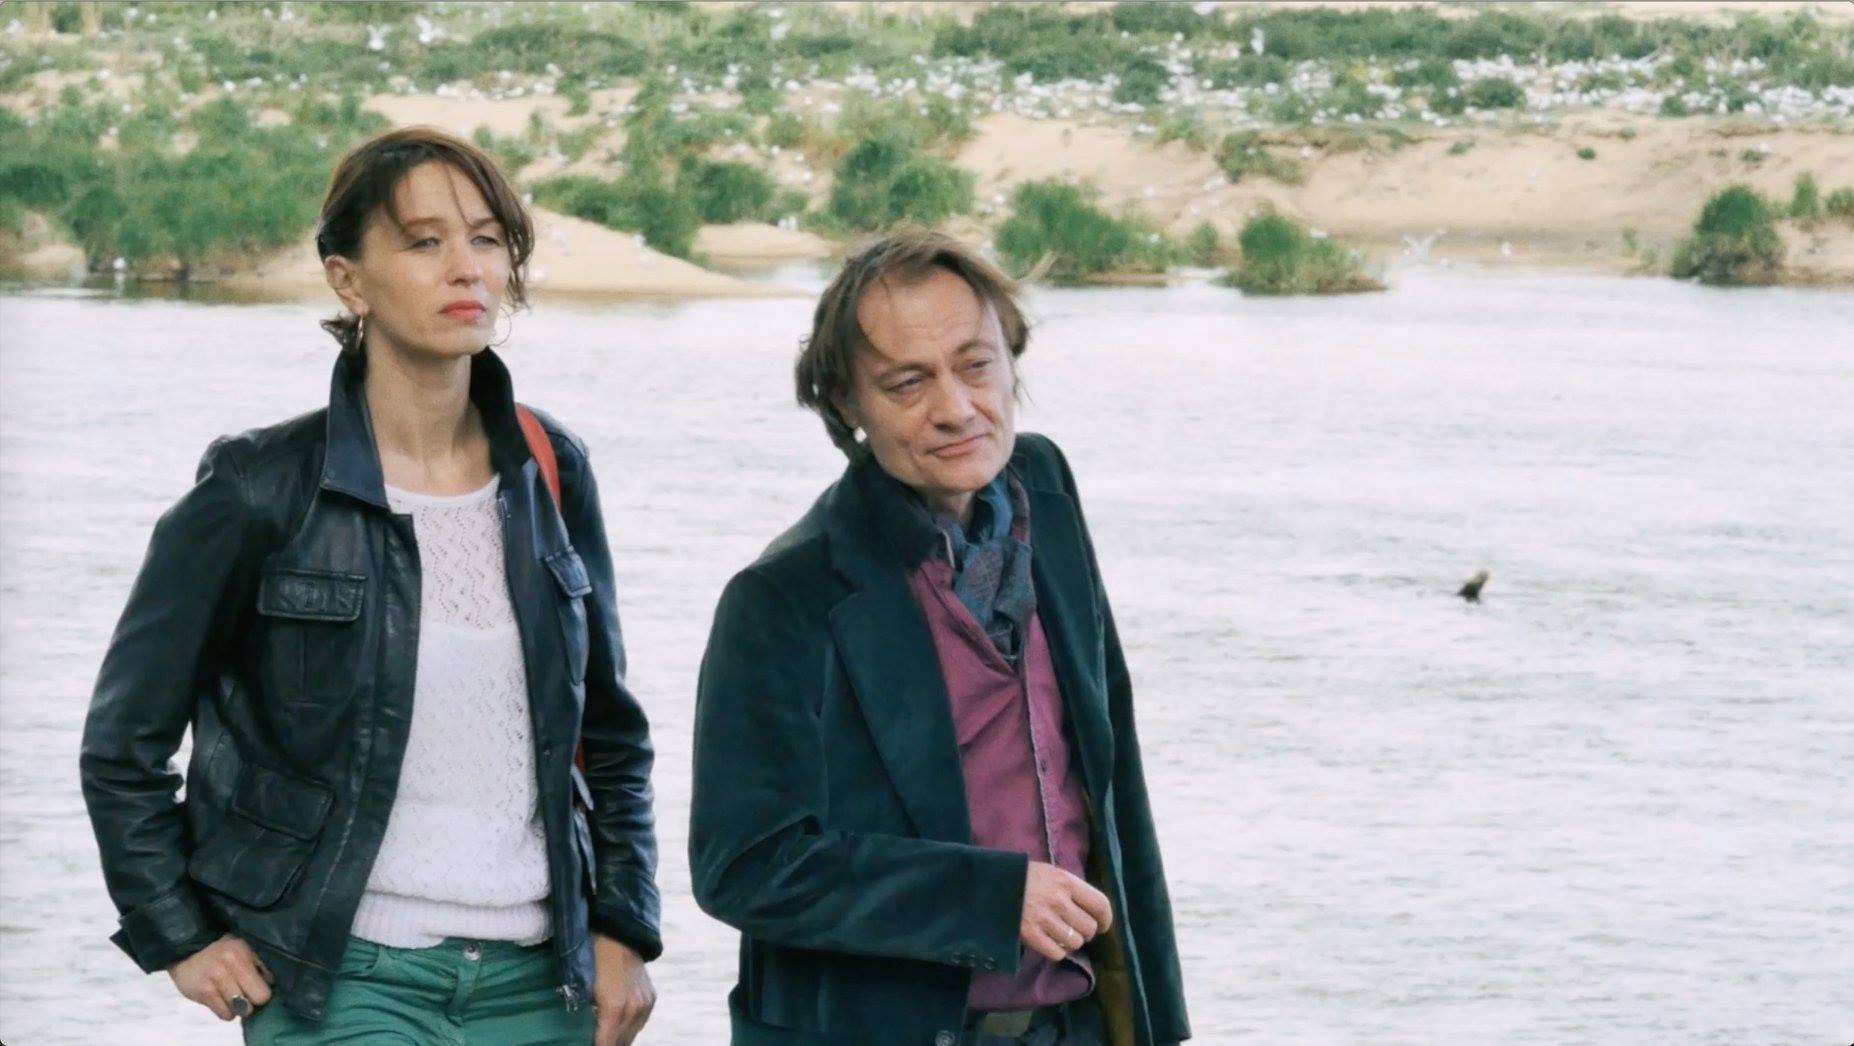 SEULS LES PIRATES en compétition française au FESTIVAL INTERNATIONAL DU FILM de MARSEILLE